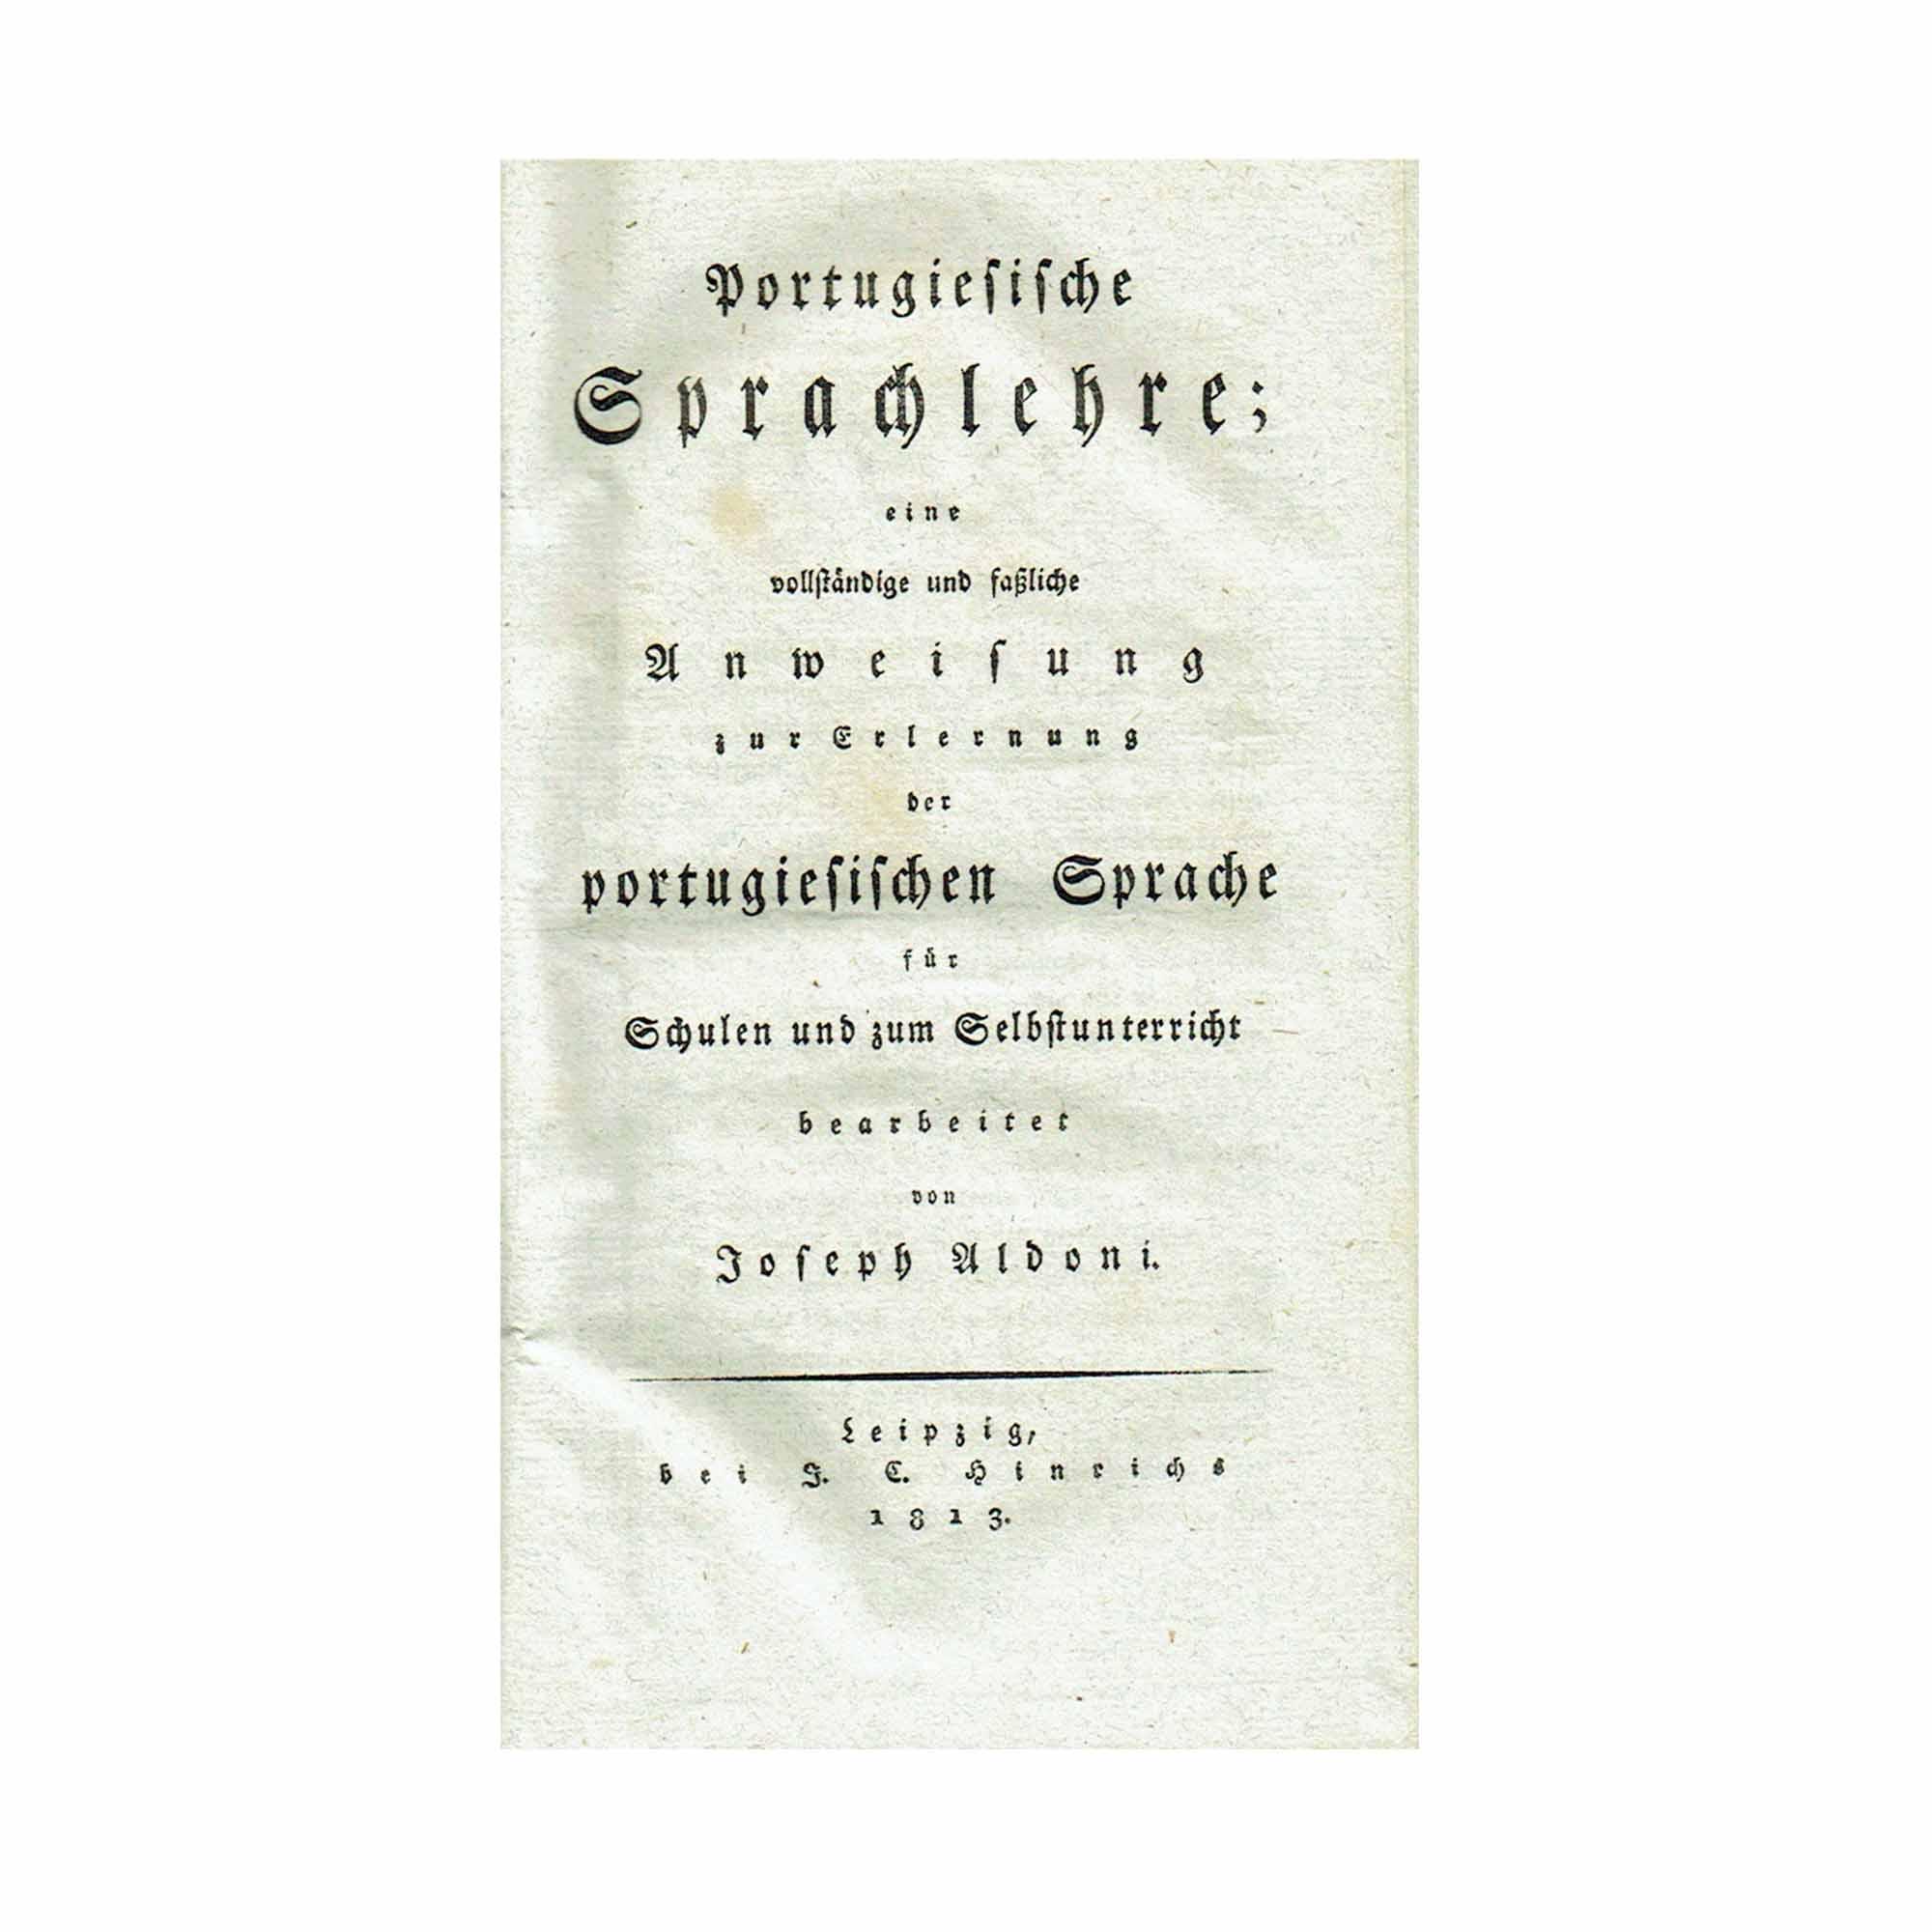 1134-Aldoni-Sprachlehre-1813.jpg